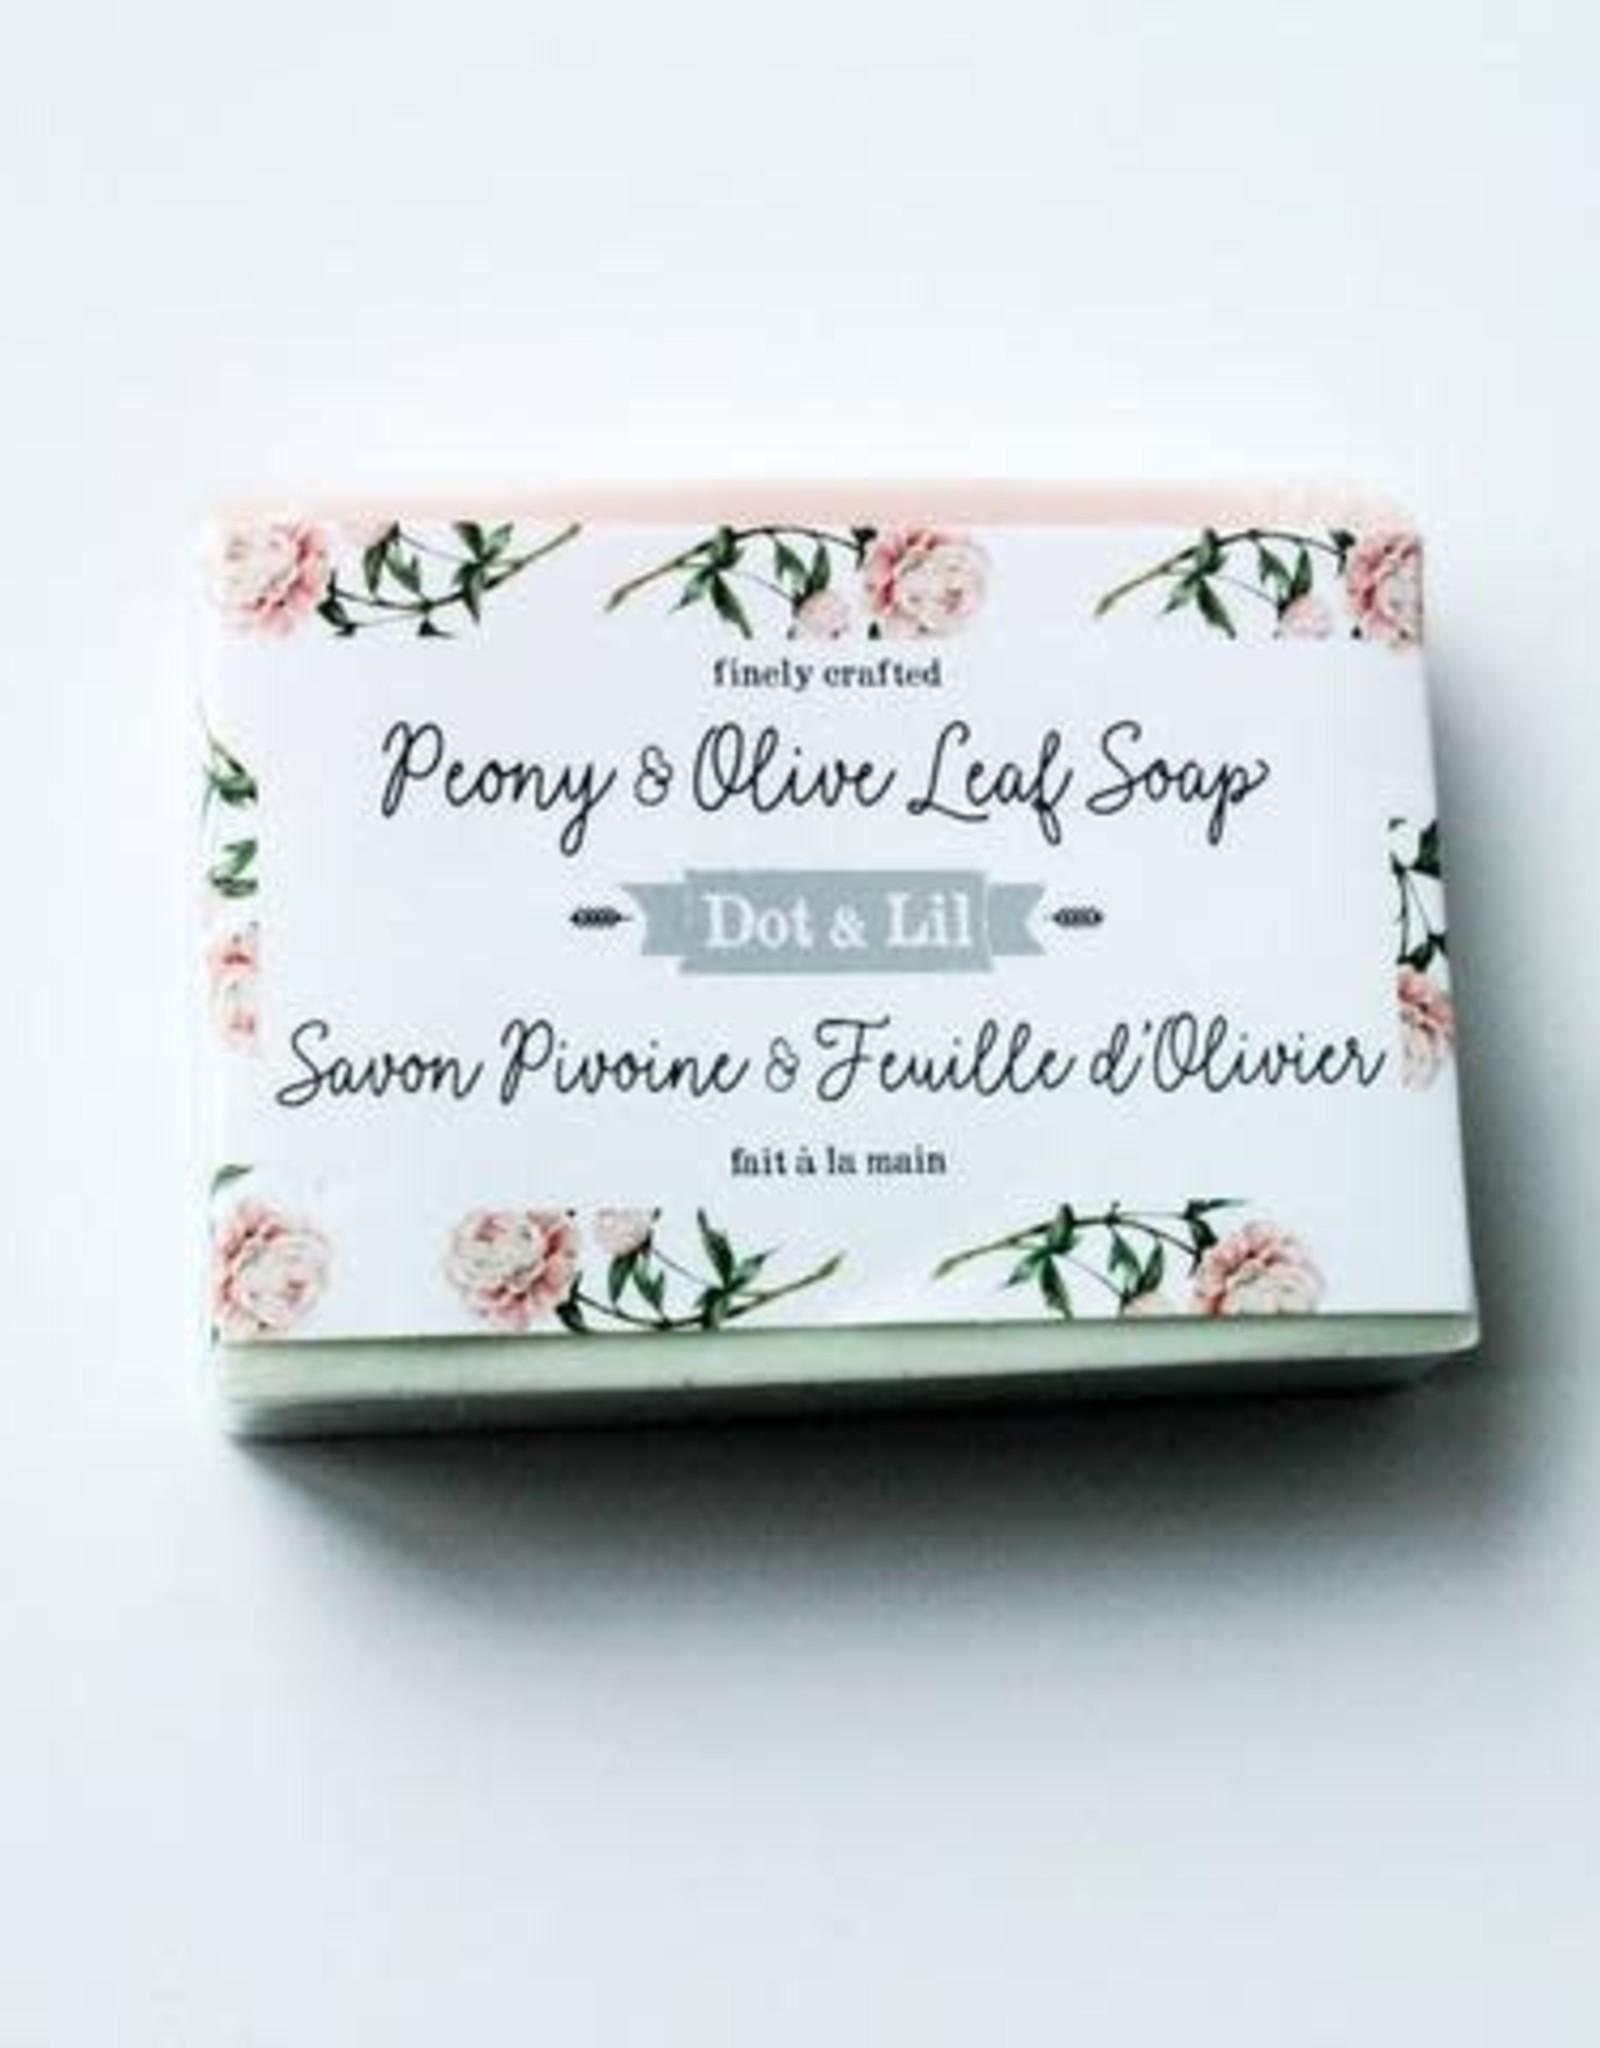 Dot & lil Pain de savon - Pivoine & Feuille d'Olivier